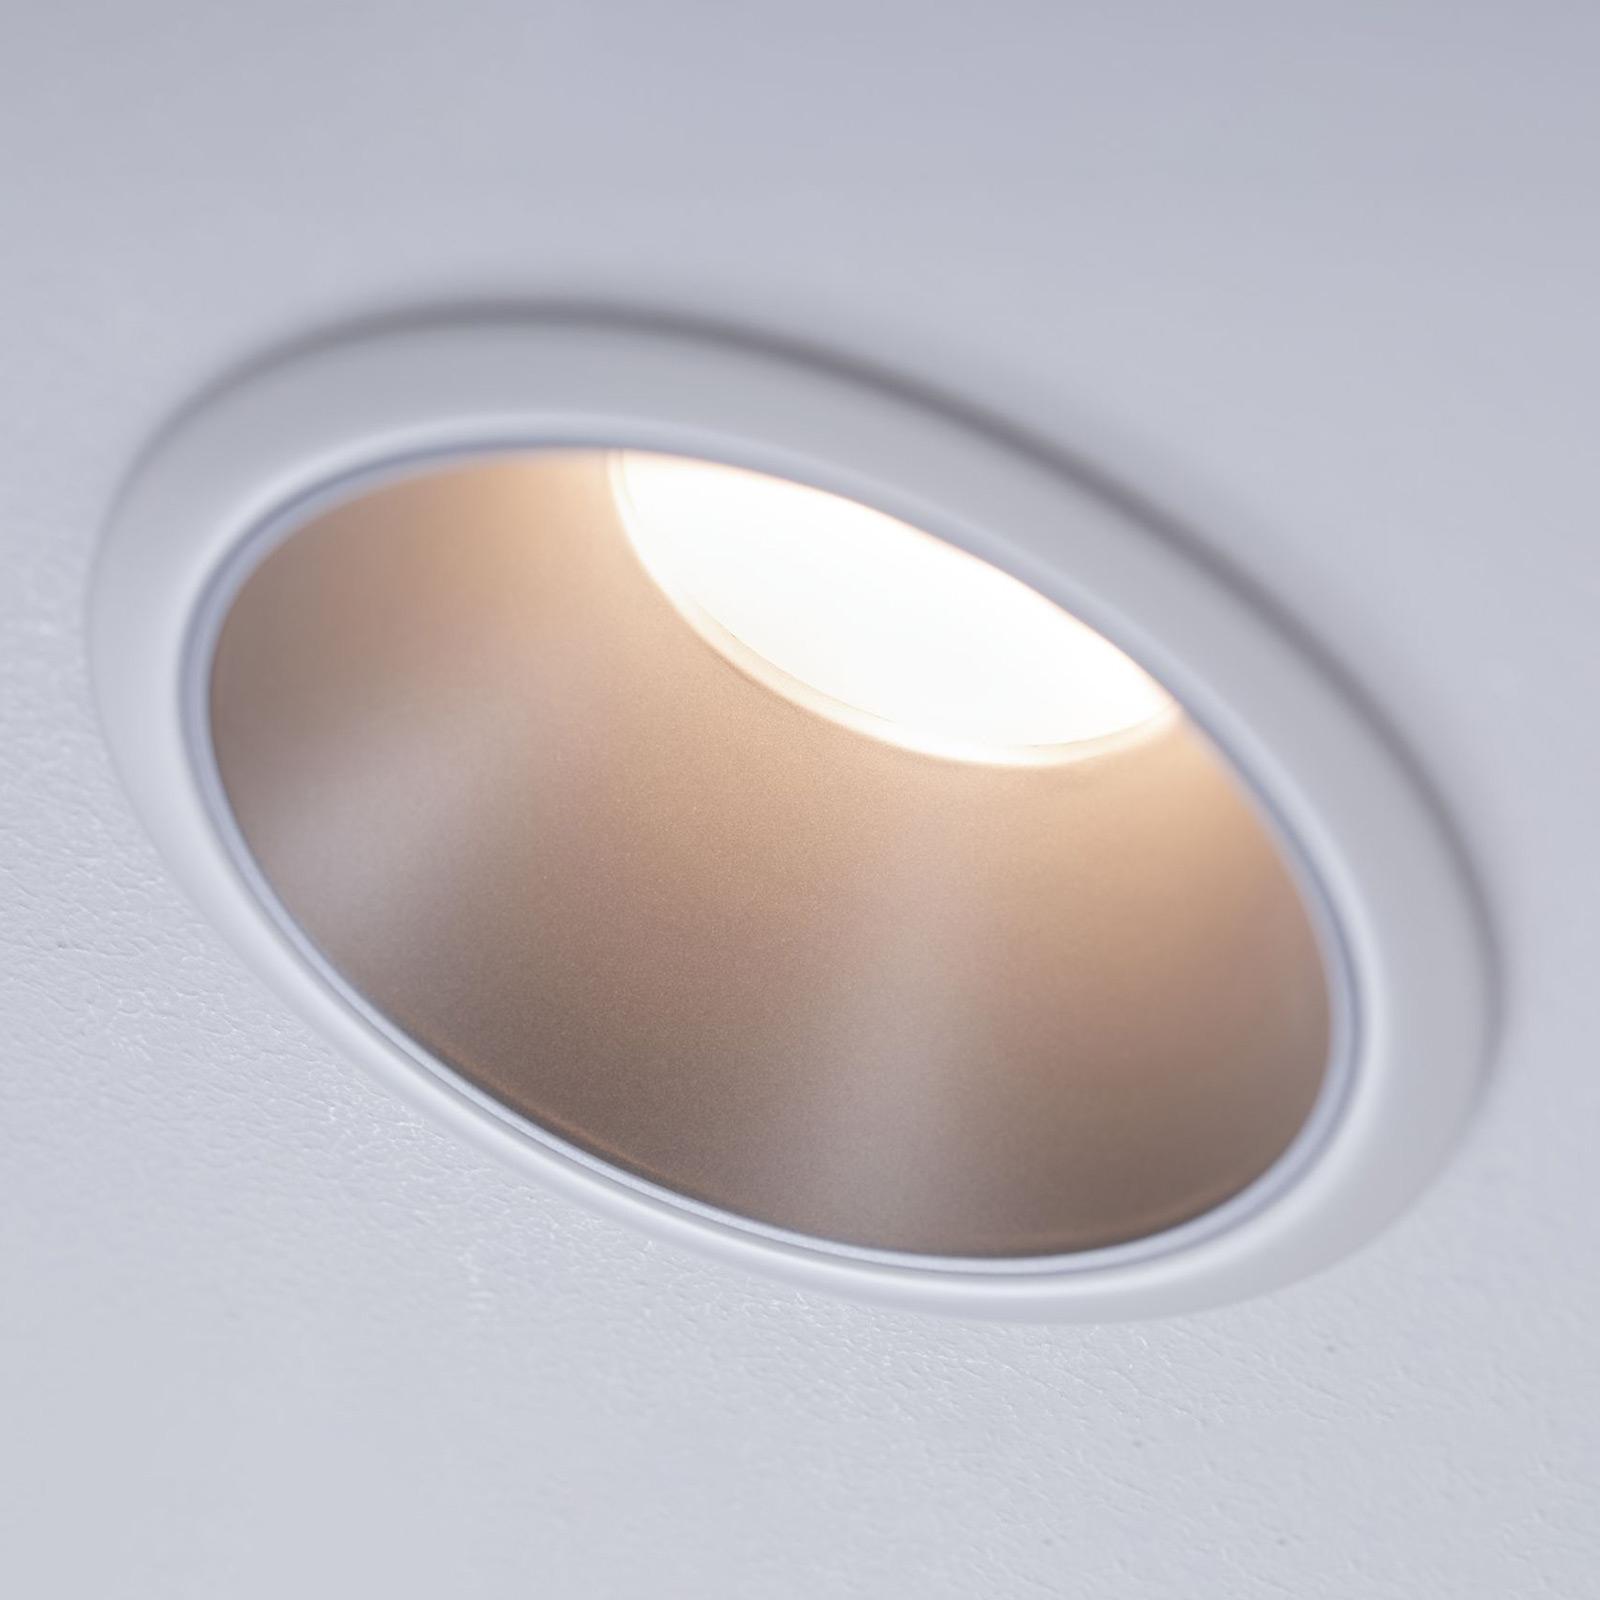 Paulmann Cole LED-spot, sølv-hvit